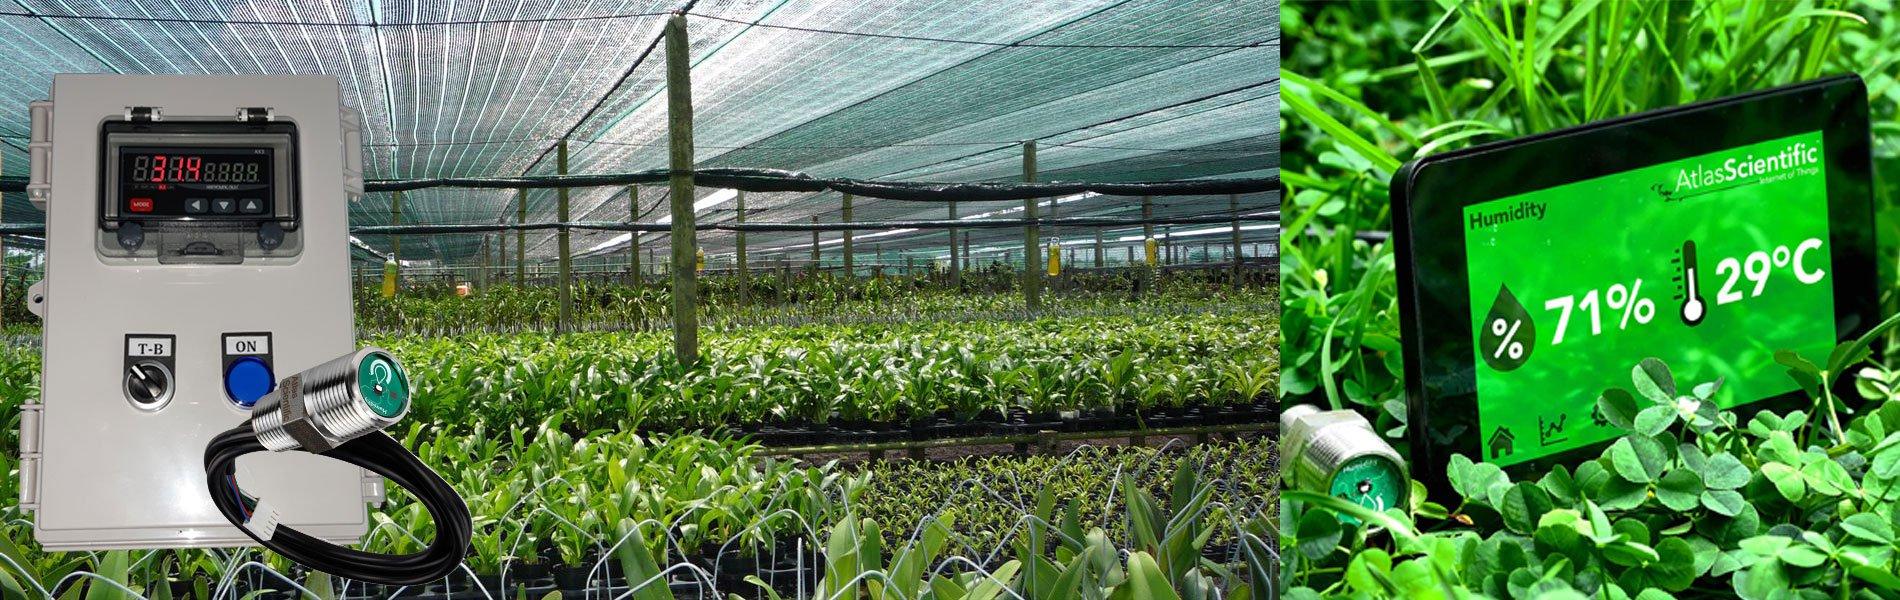 Ứng dụng khoa học kỹ thuật trong nông nghiệp, nhà vườn..